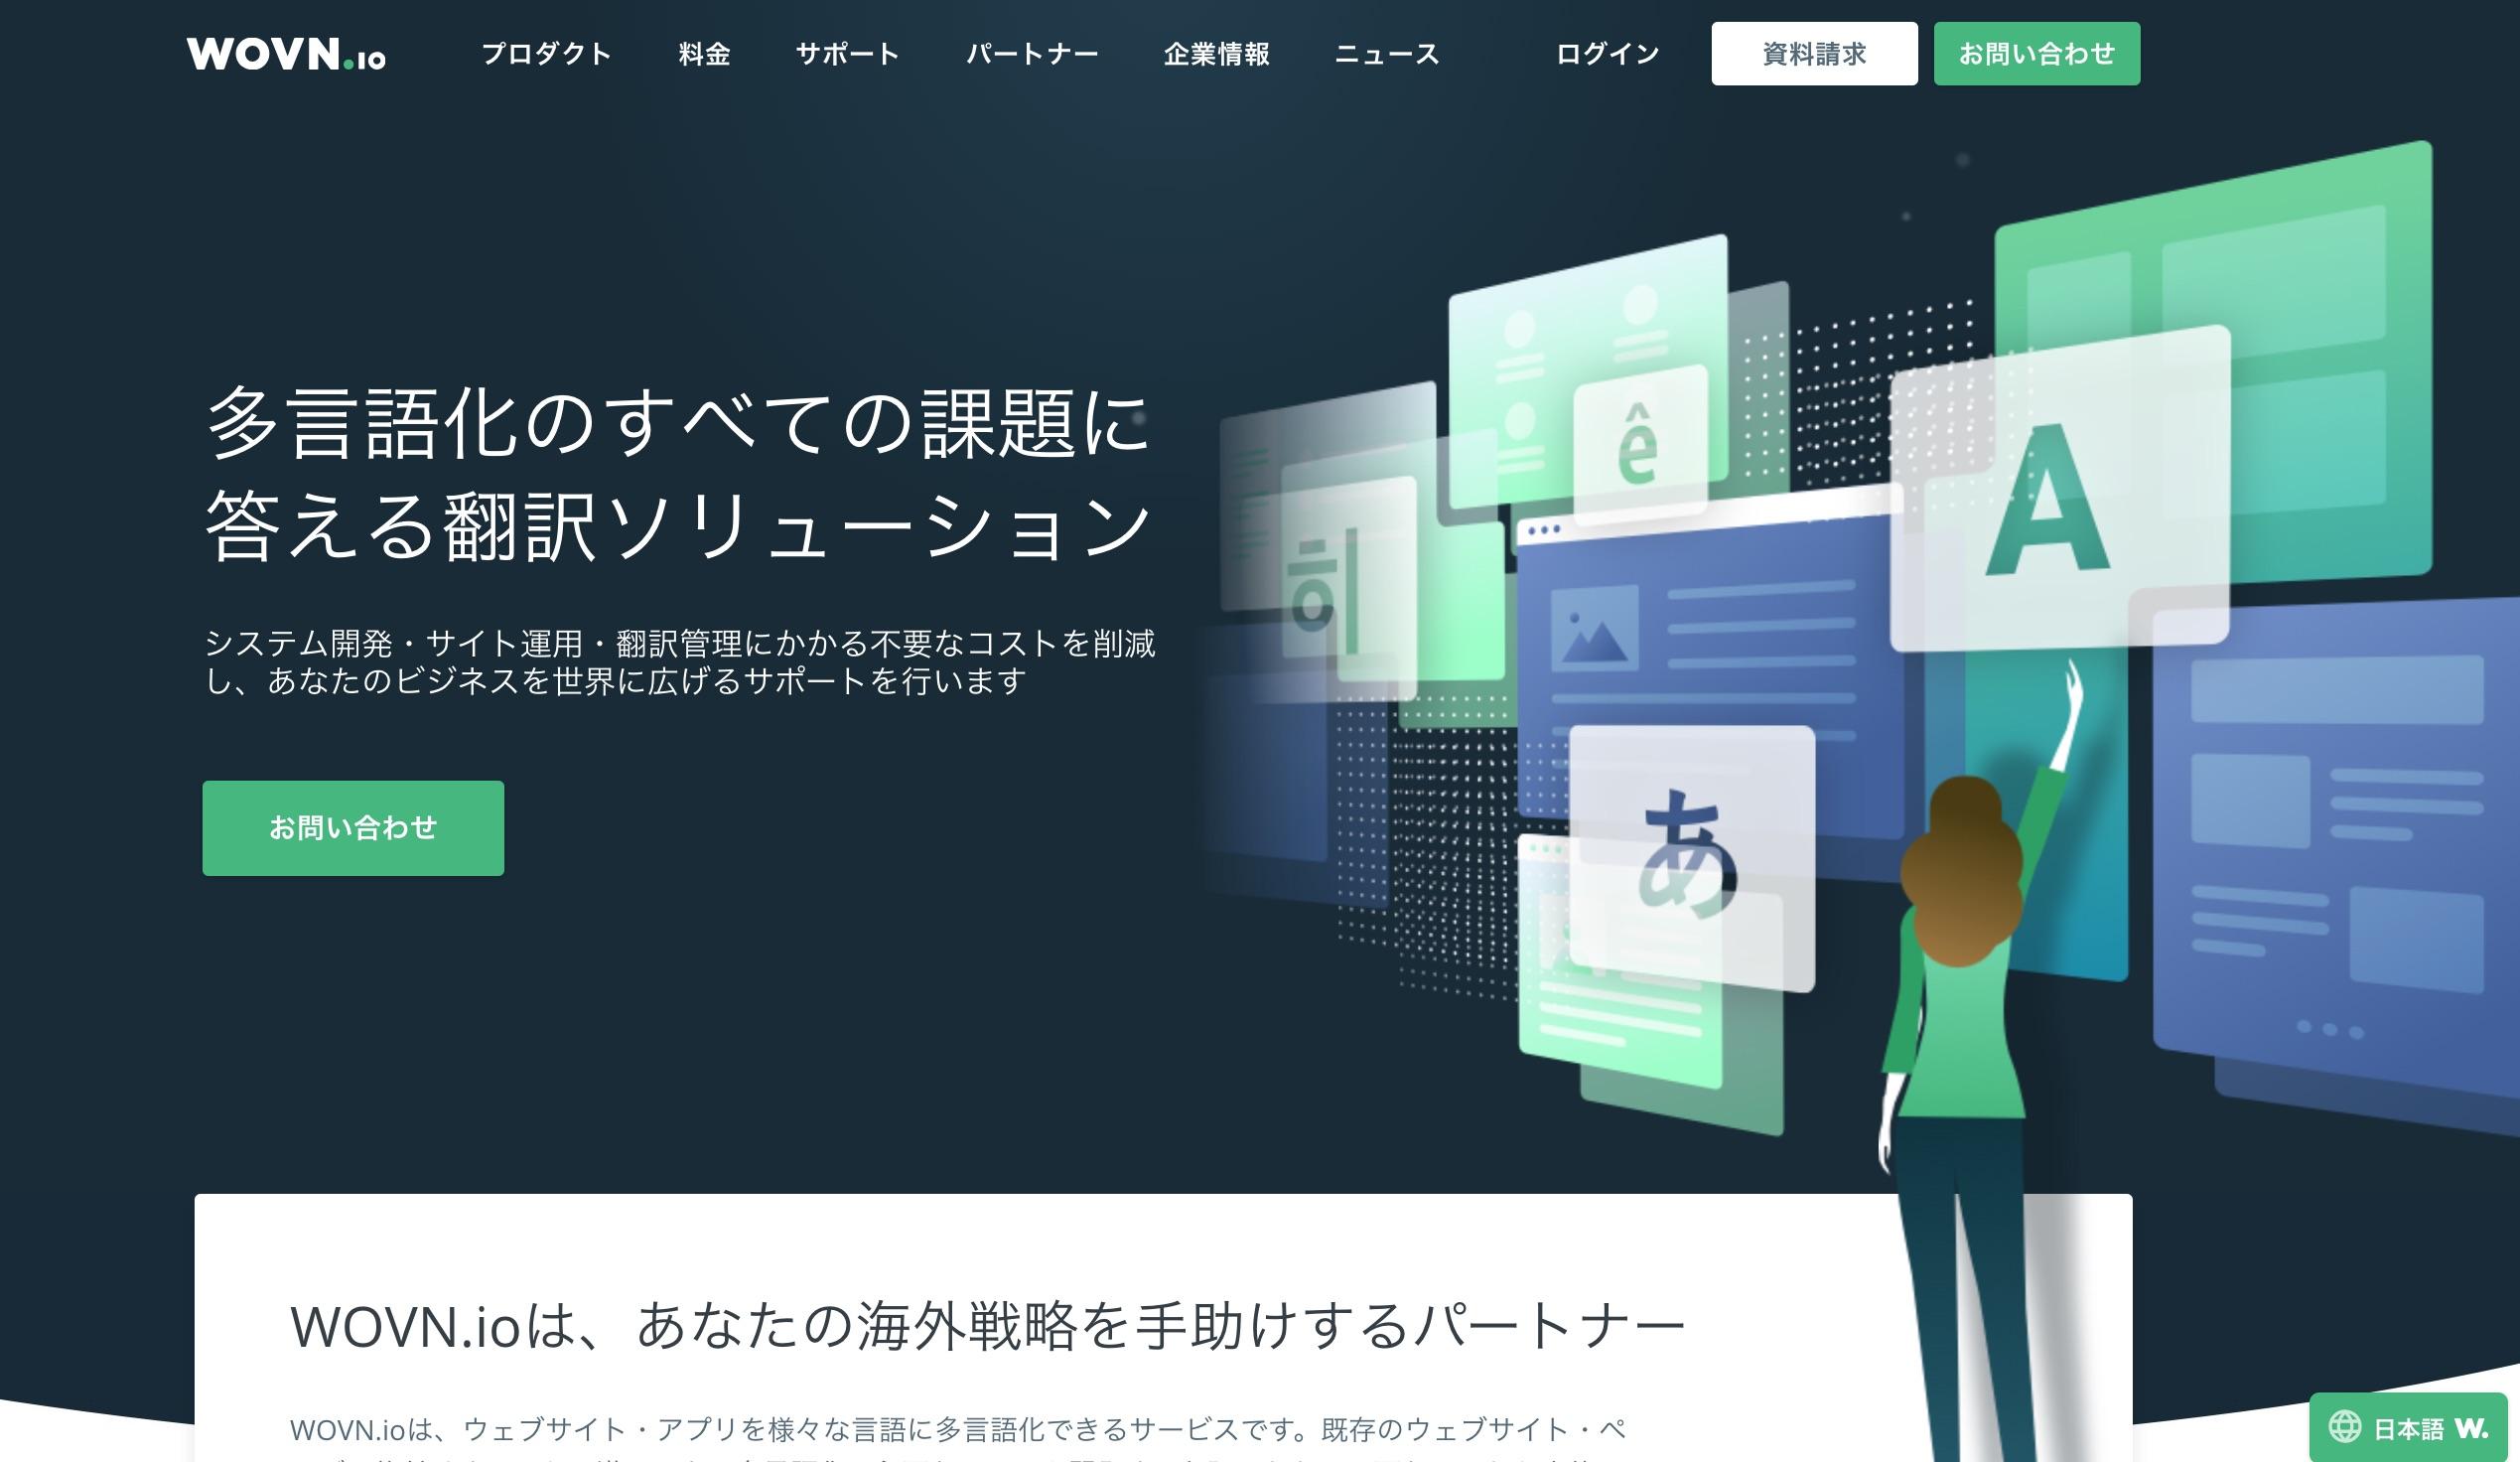 WOVN.ioのスクリーンショット